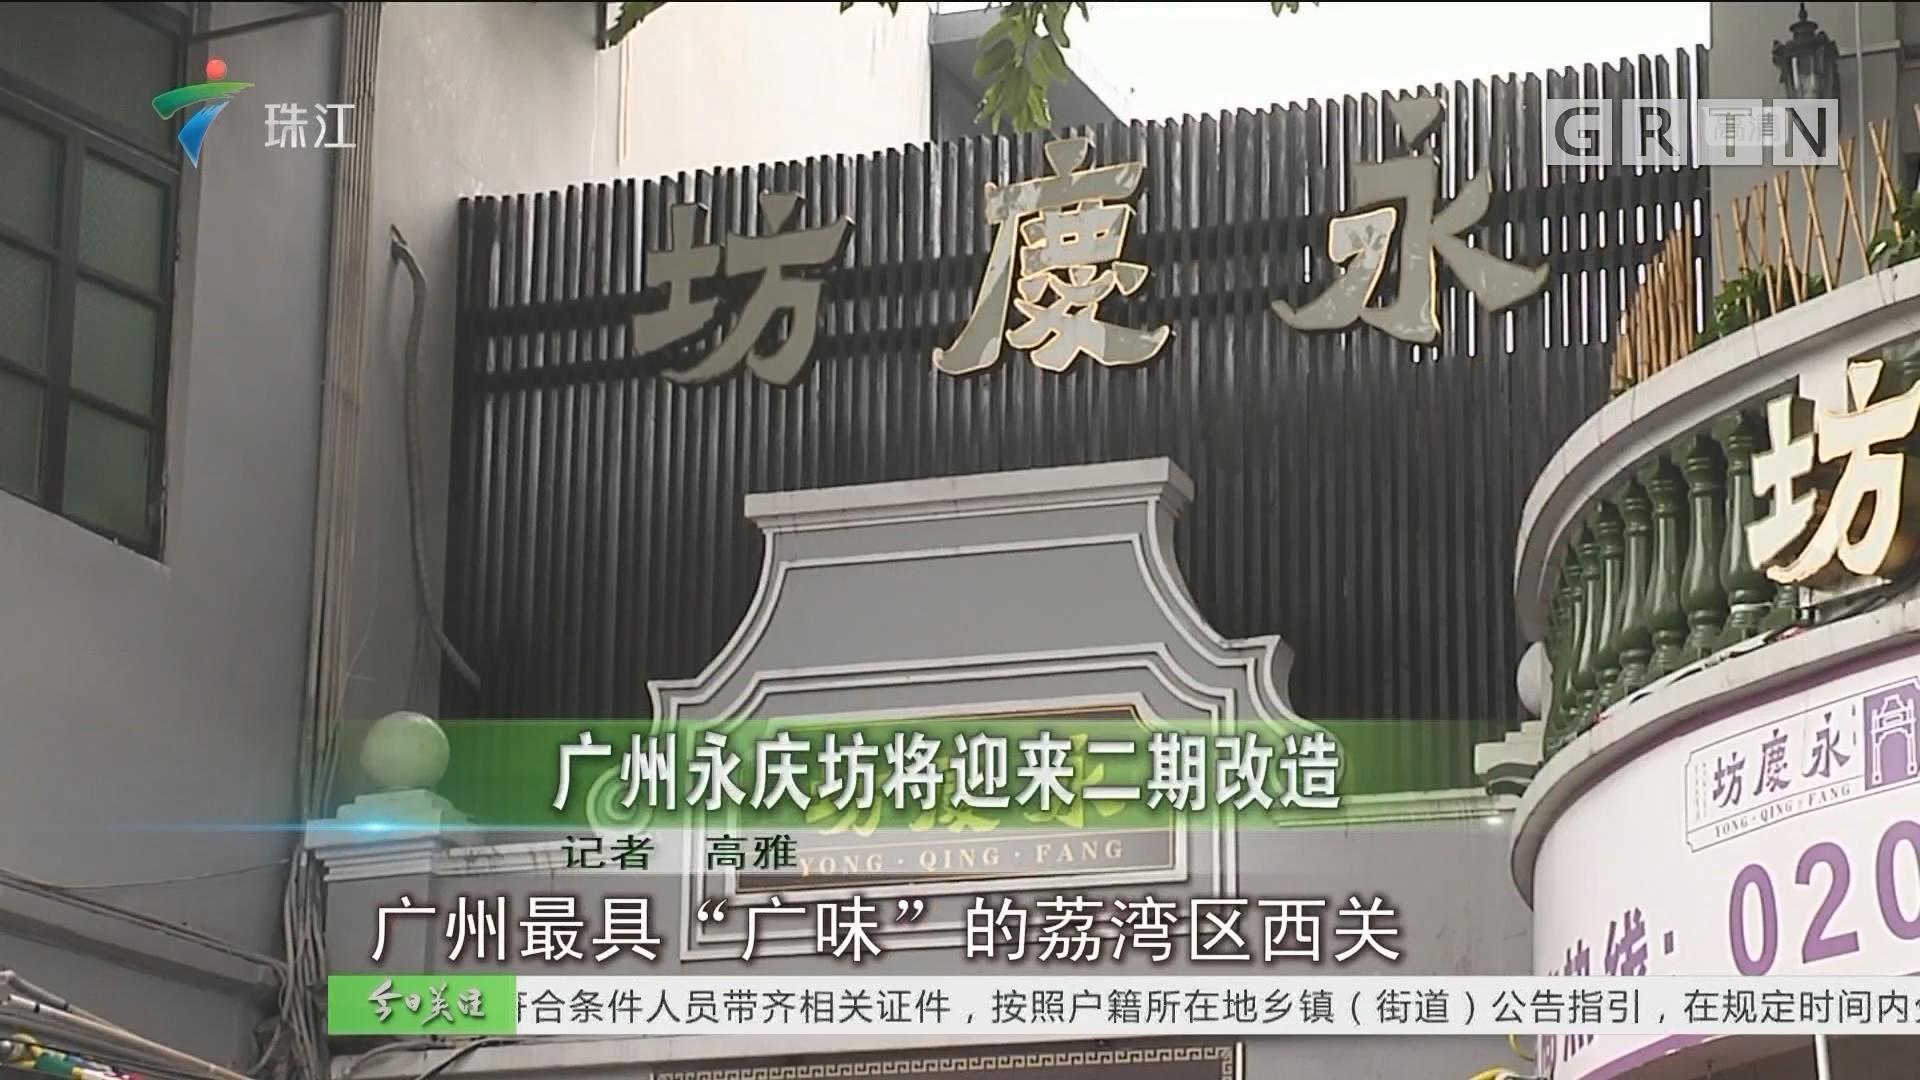 广州永庆坊将迎来二期改造